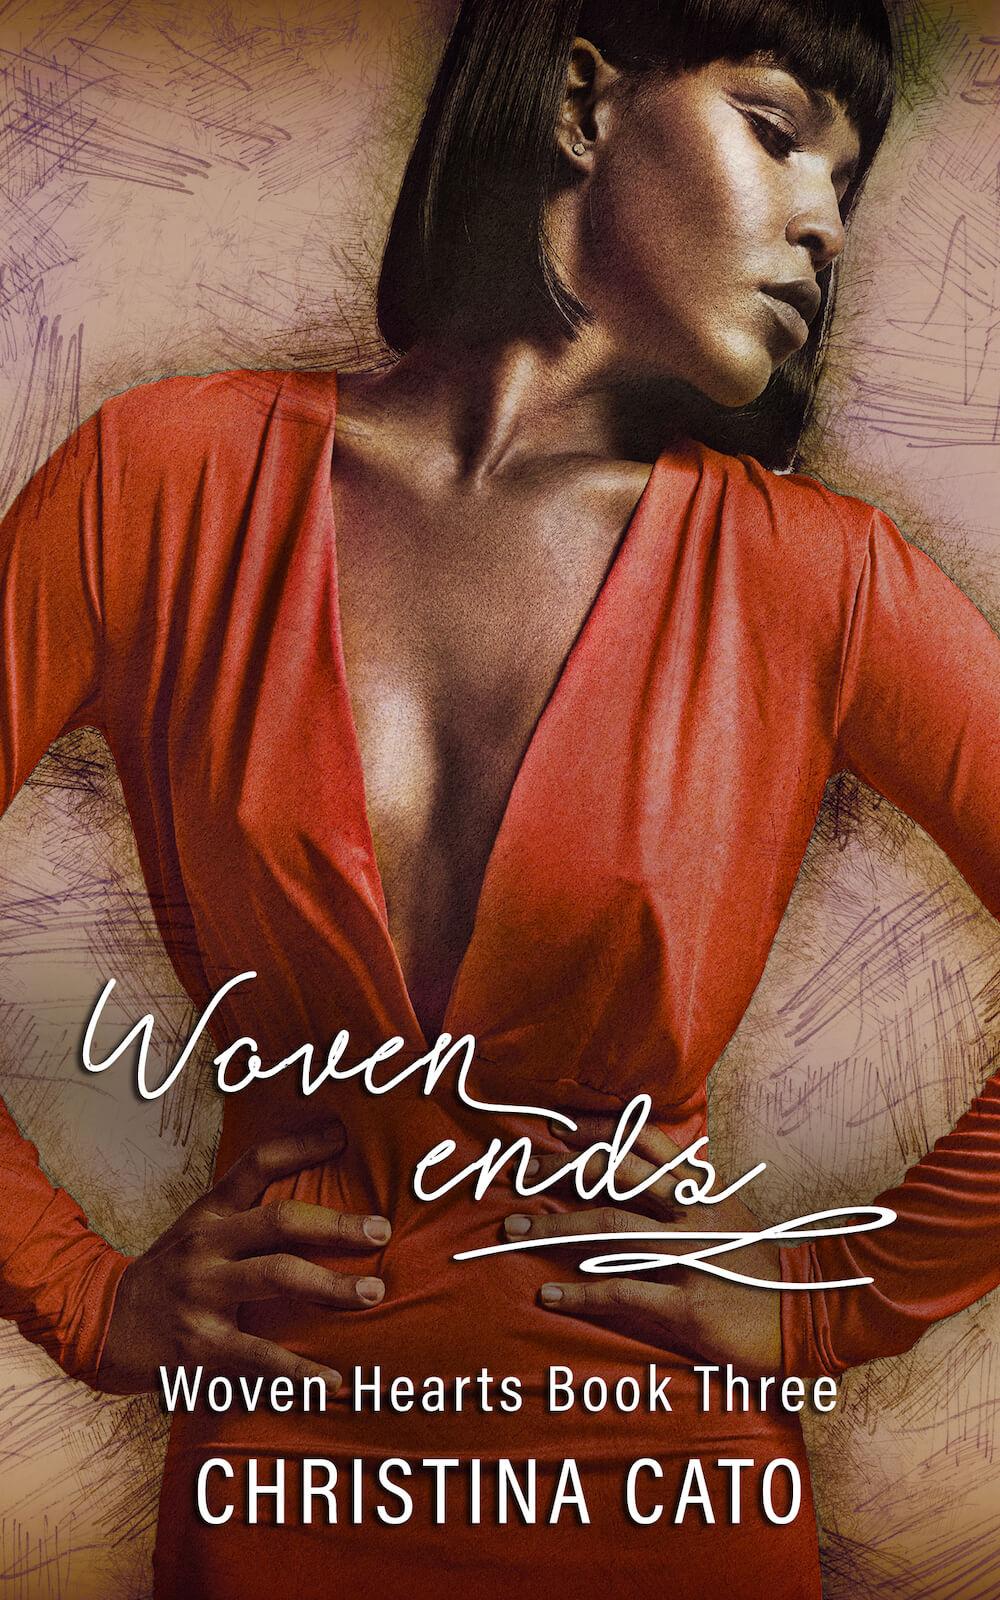 Christina Cato Woven Hearts book 3